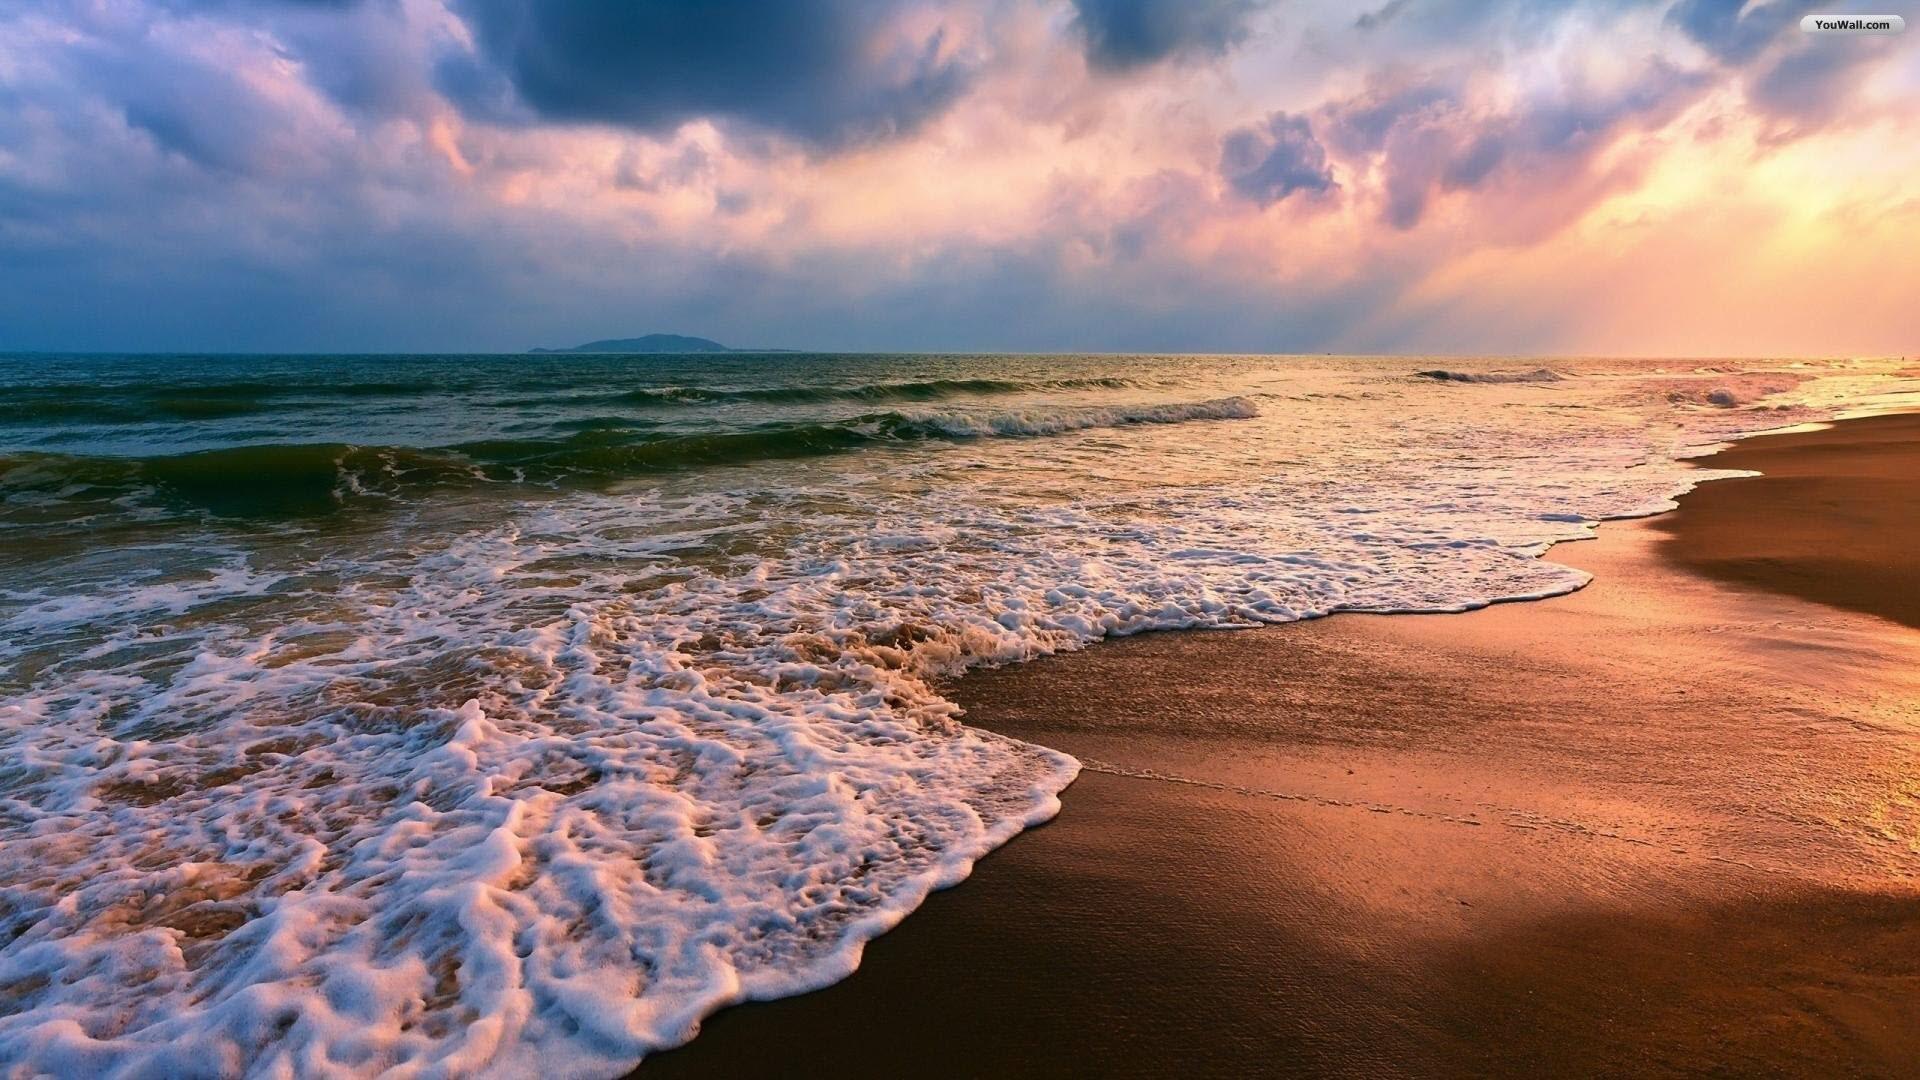 Beach Sunset Wallpapers Wallpaper 1920×1080 Beach Sunset Wallpapers (51  Wallpapers)   Adorable